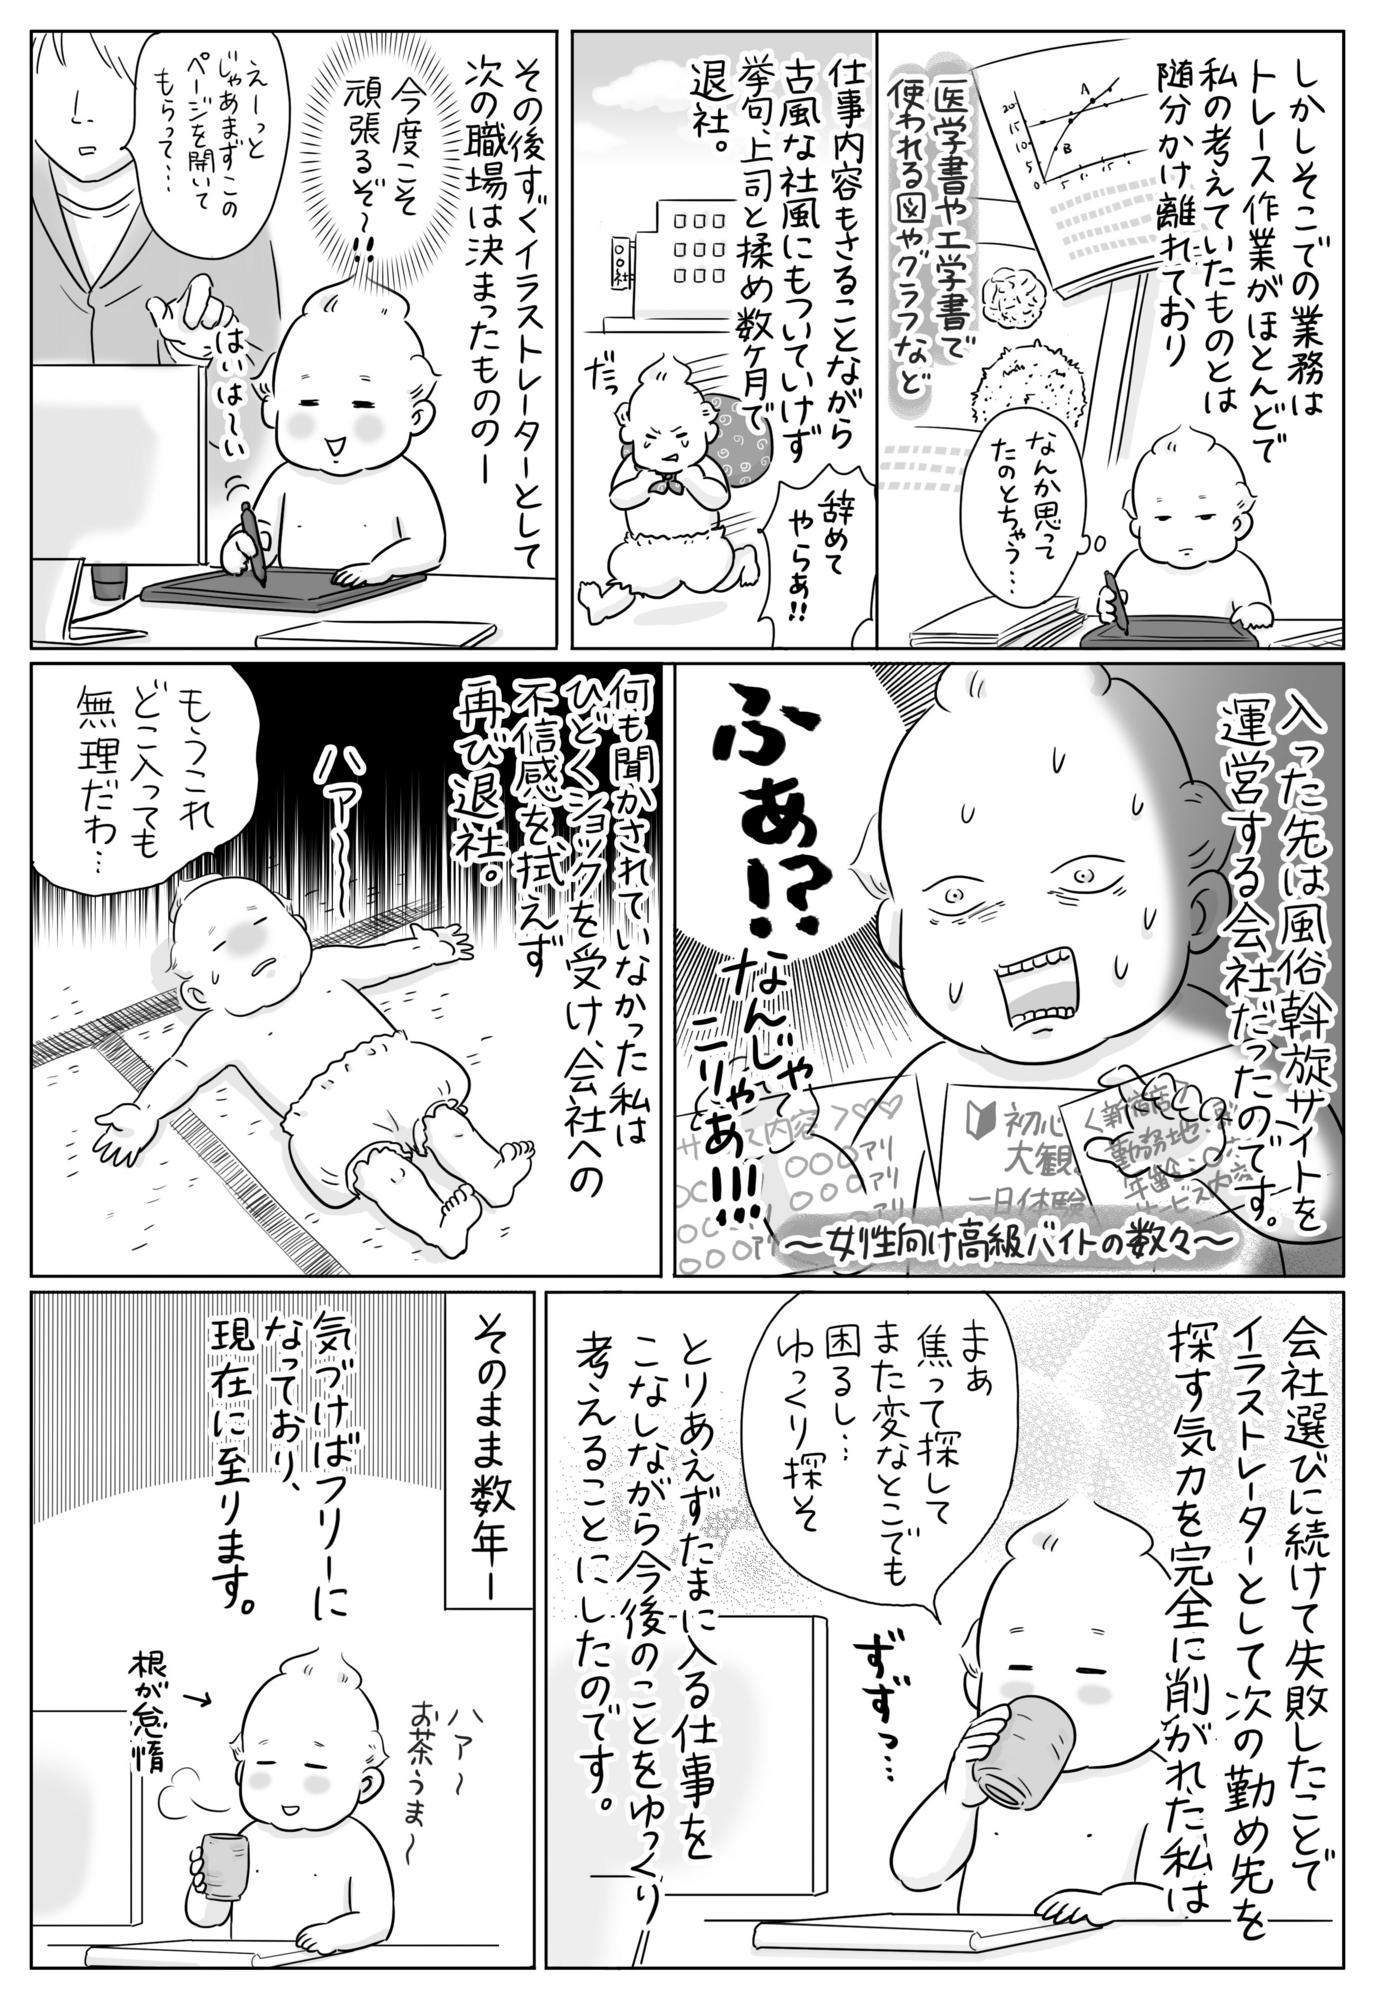 f:id:kakijiro:20160208145356j:plain